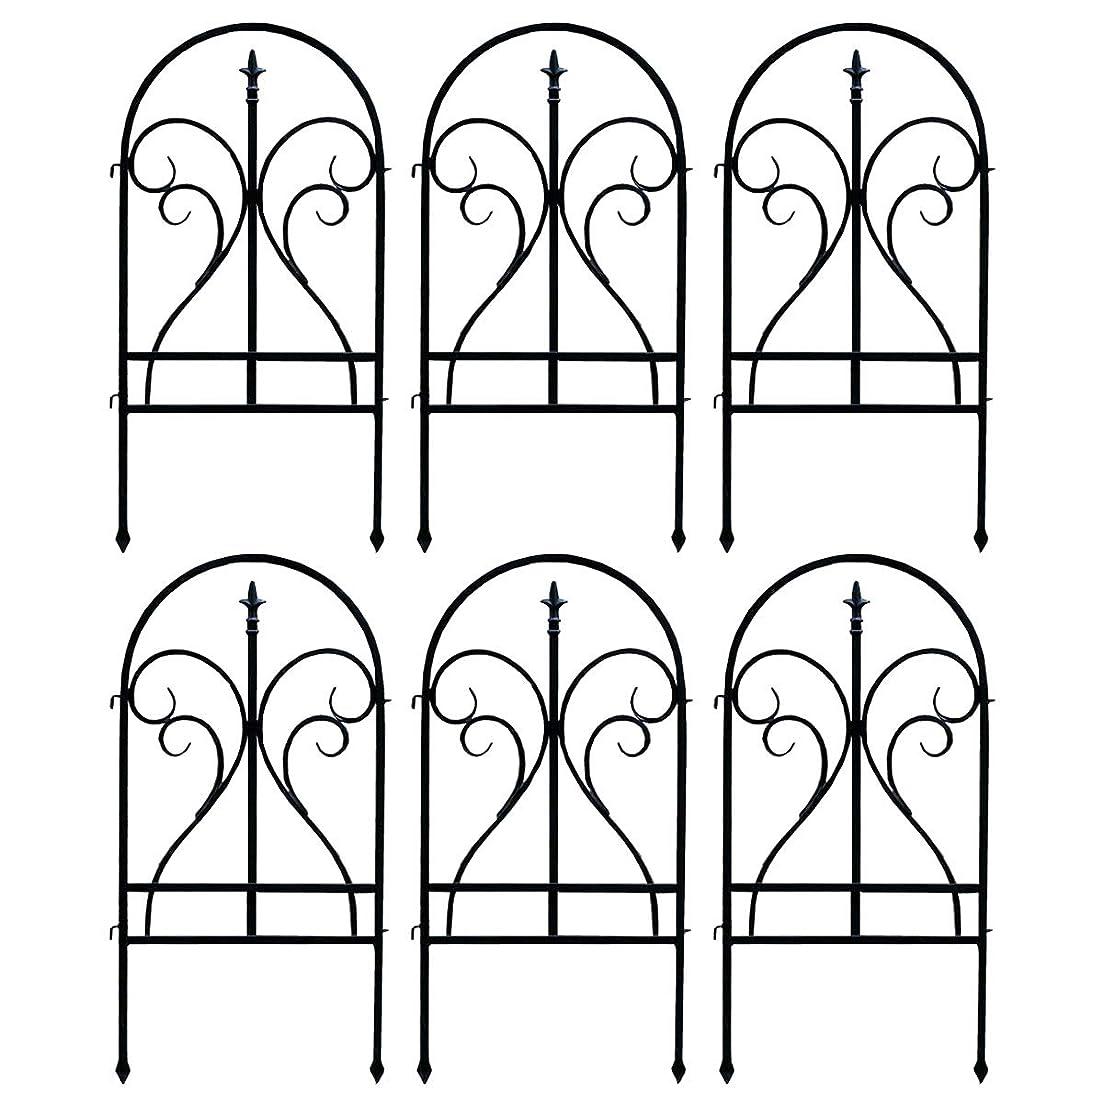 夜明けに巡礼者執着フェンス ガーデン セット 目隠し シェード 花壇 アイアン ラティス 高さ 90cm ブラック 6枚組